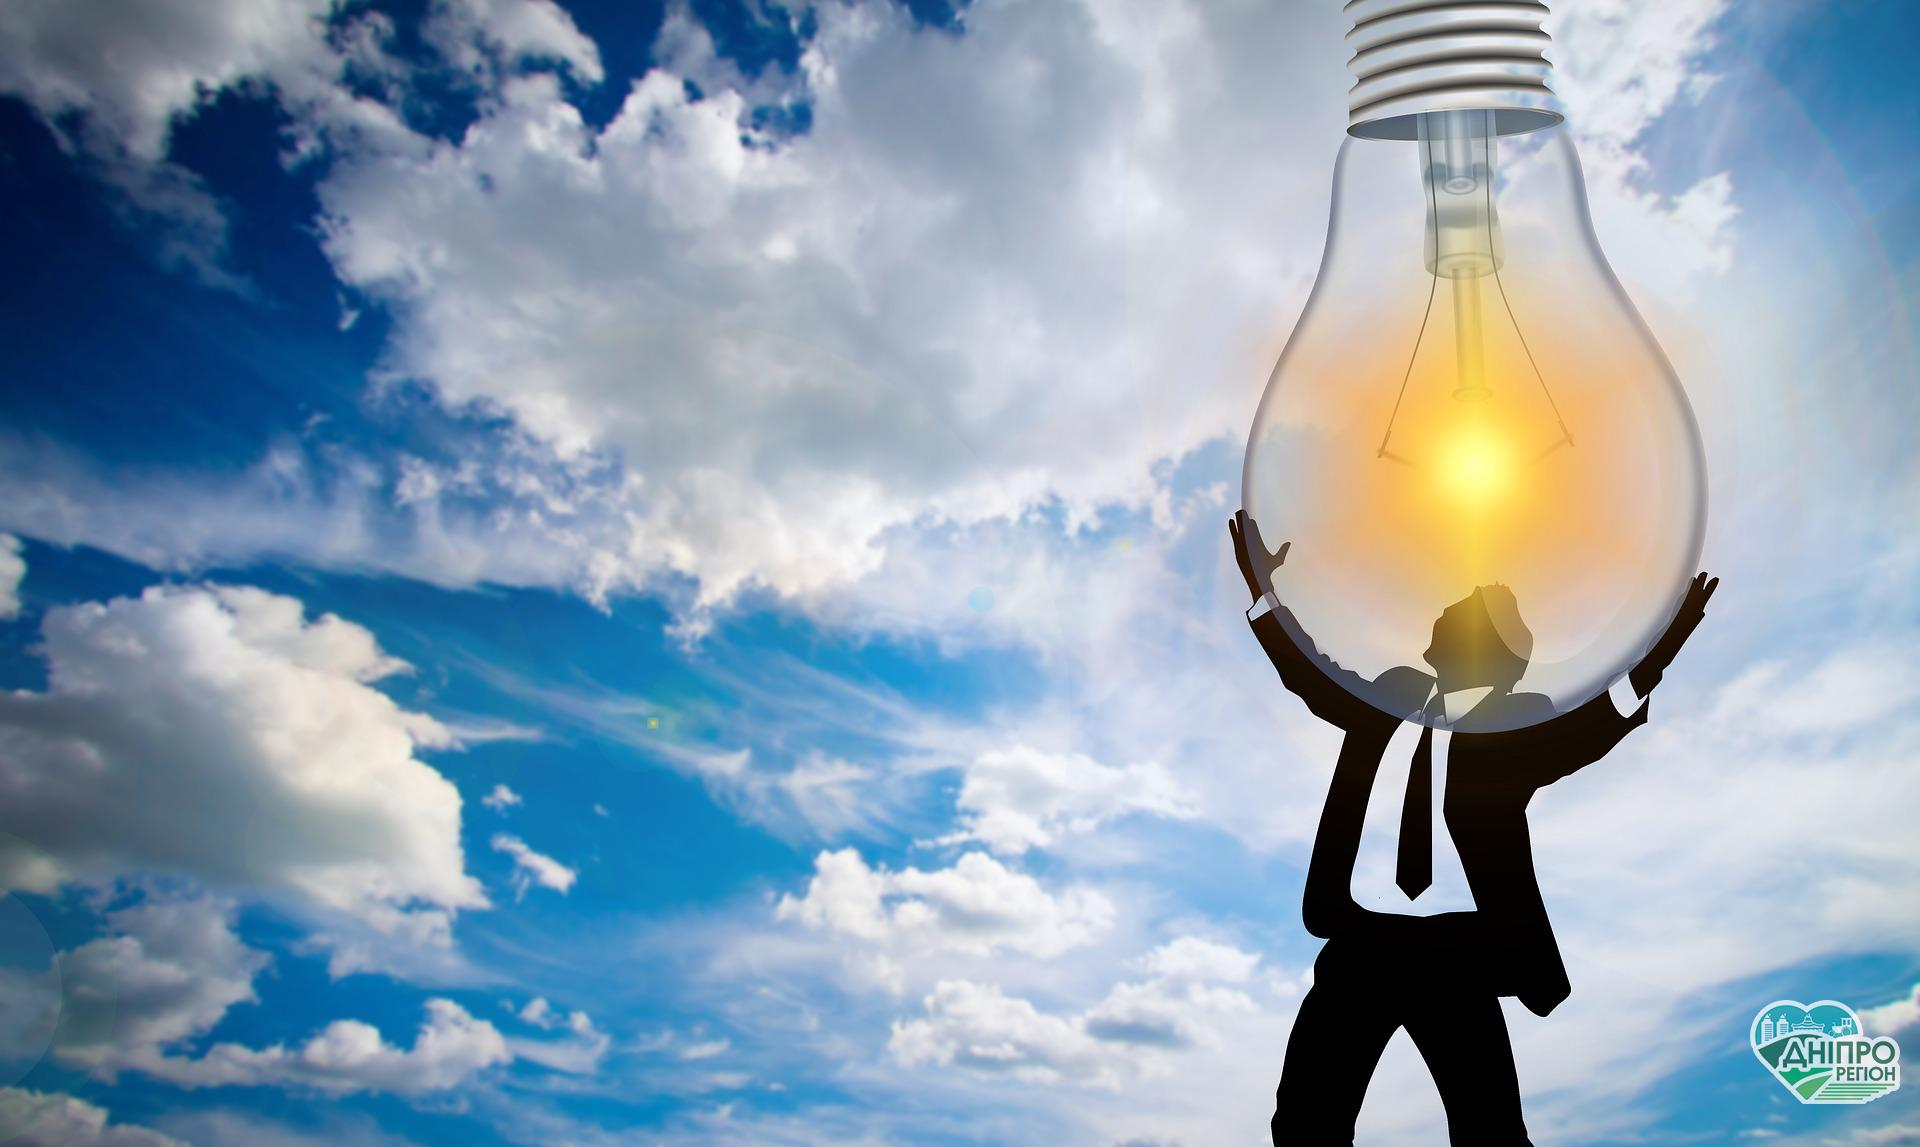 Ціни на електроенергію зростуть у півтора раза